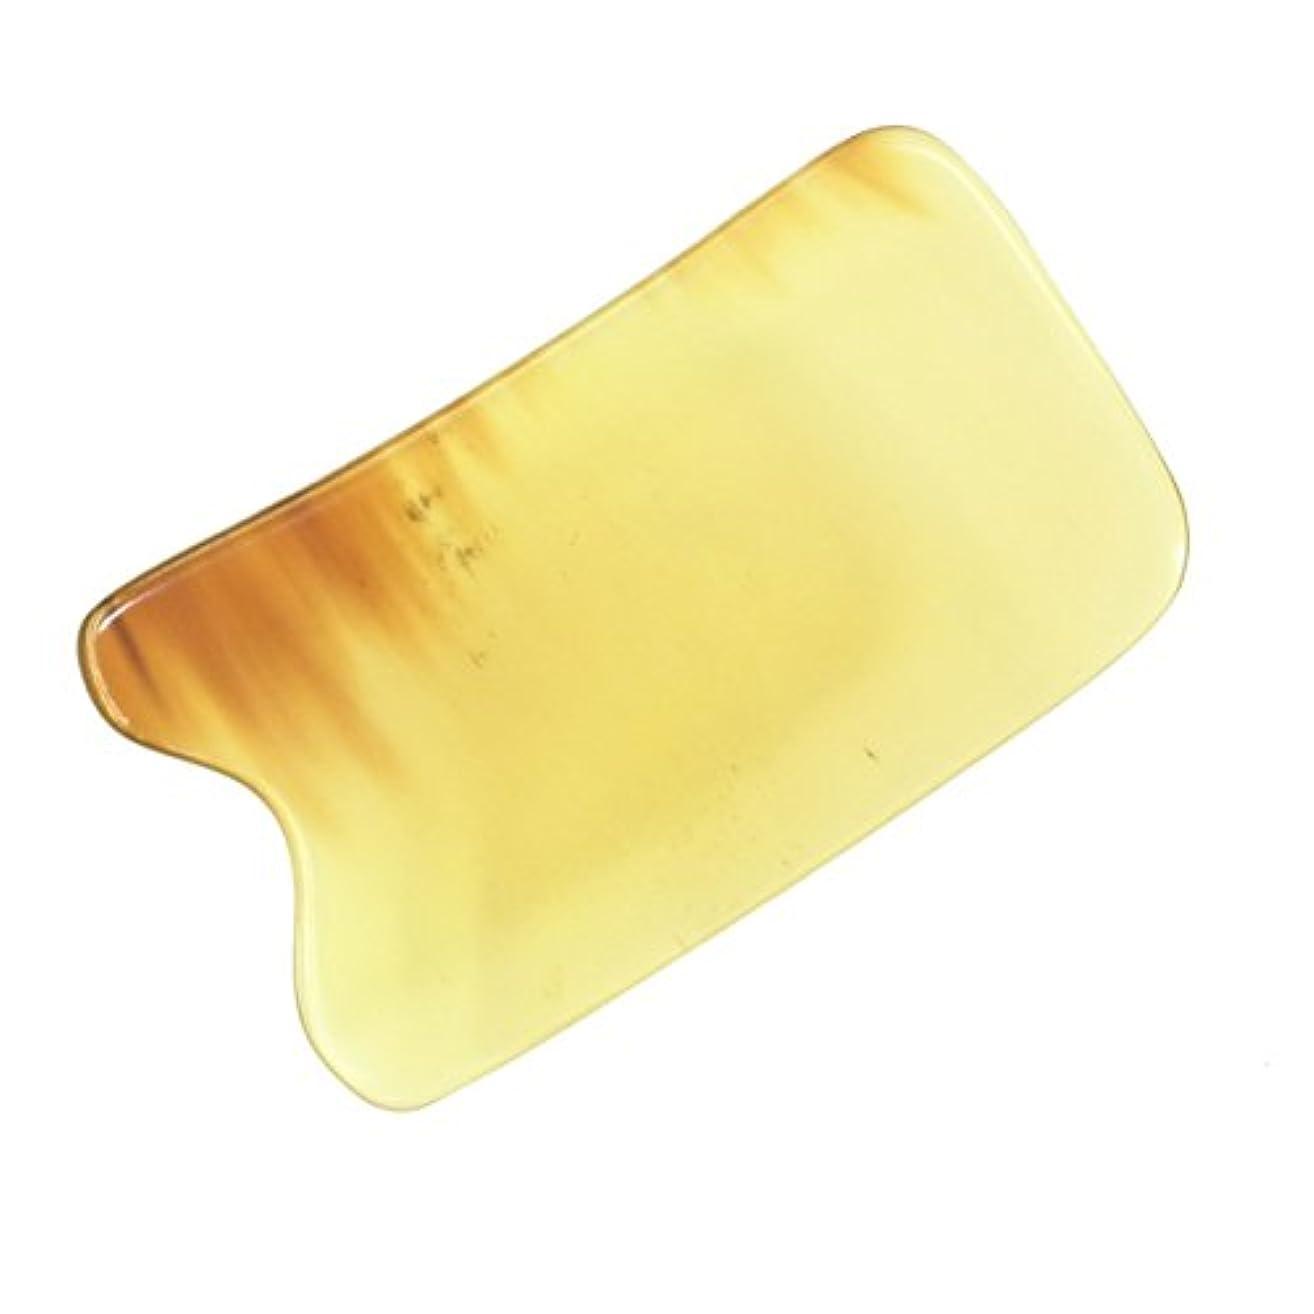 動脈鋭く若者かっさ プレート 厚さが選べる 水牛の角(黄水牛角) EHE219 四角凹 一般品 少し薄め (4ミリ程度)